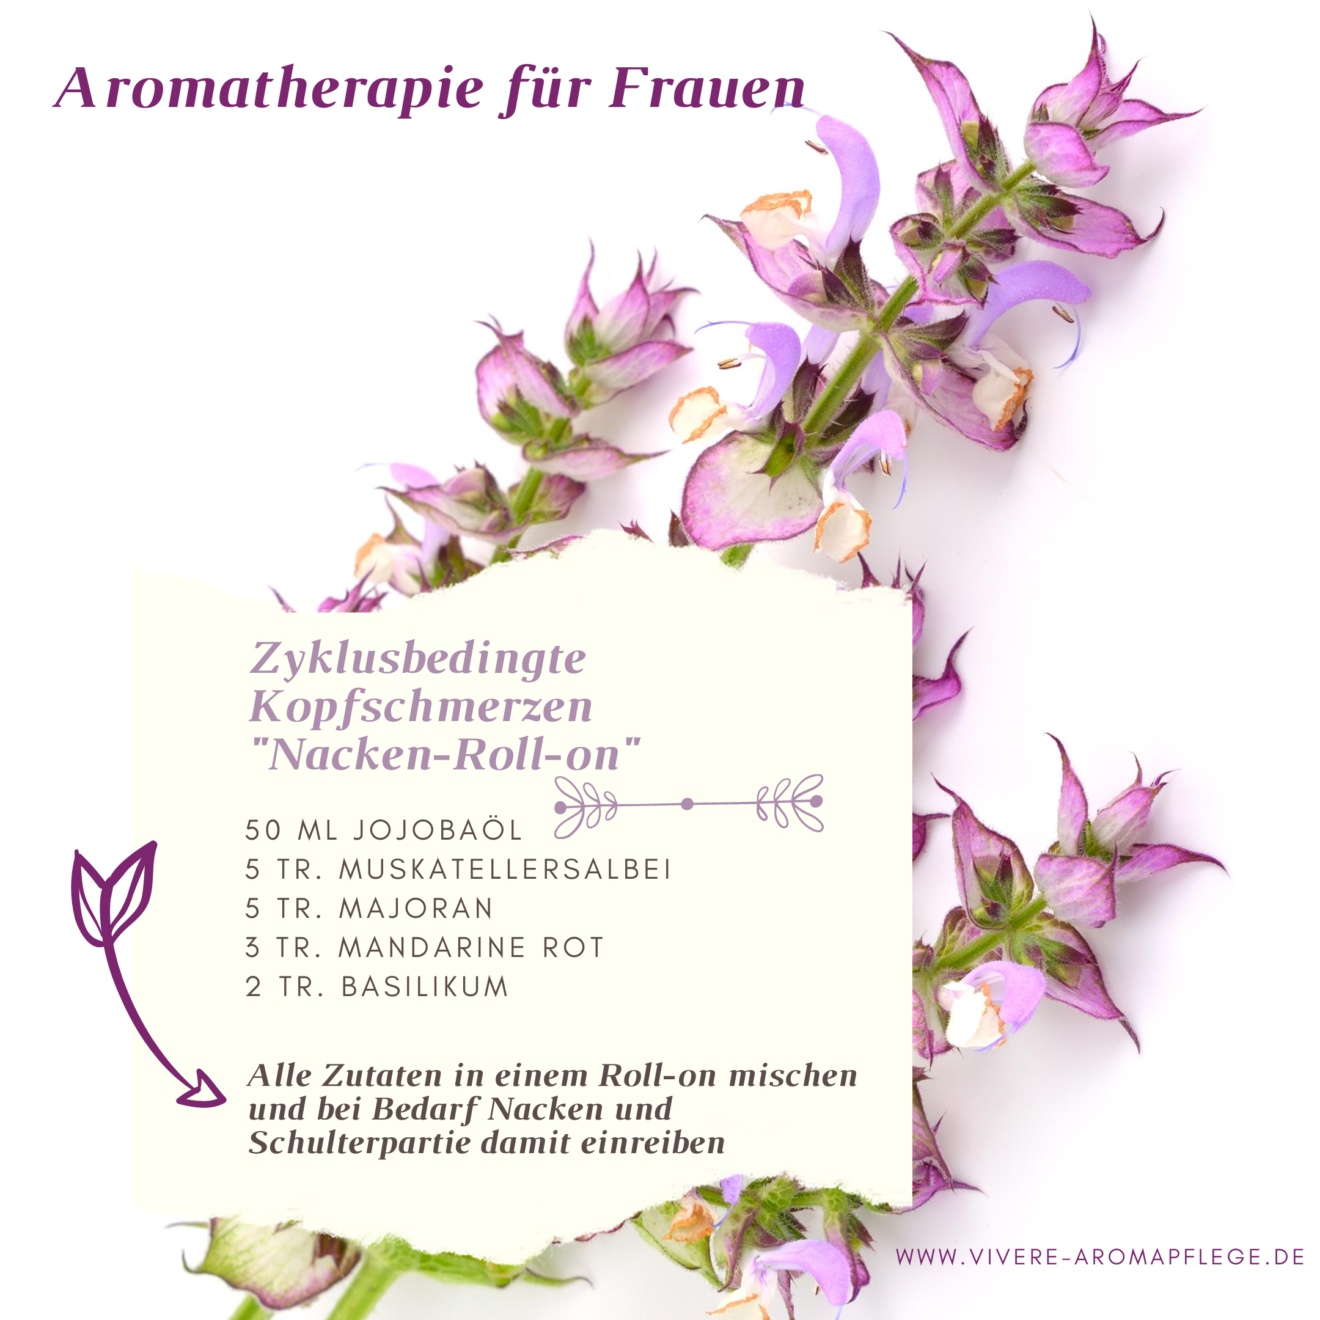 Aromatherapie_Frauen_Rezept_Vivere